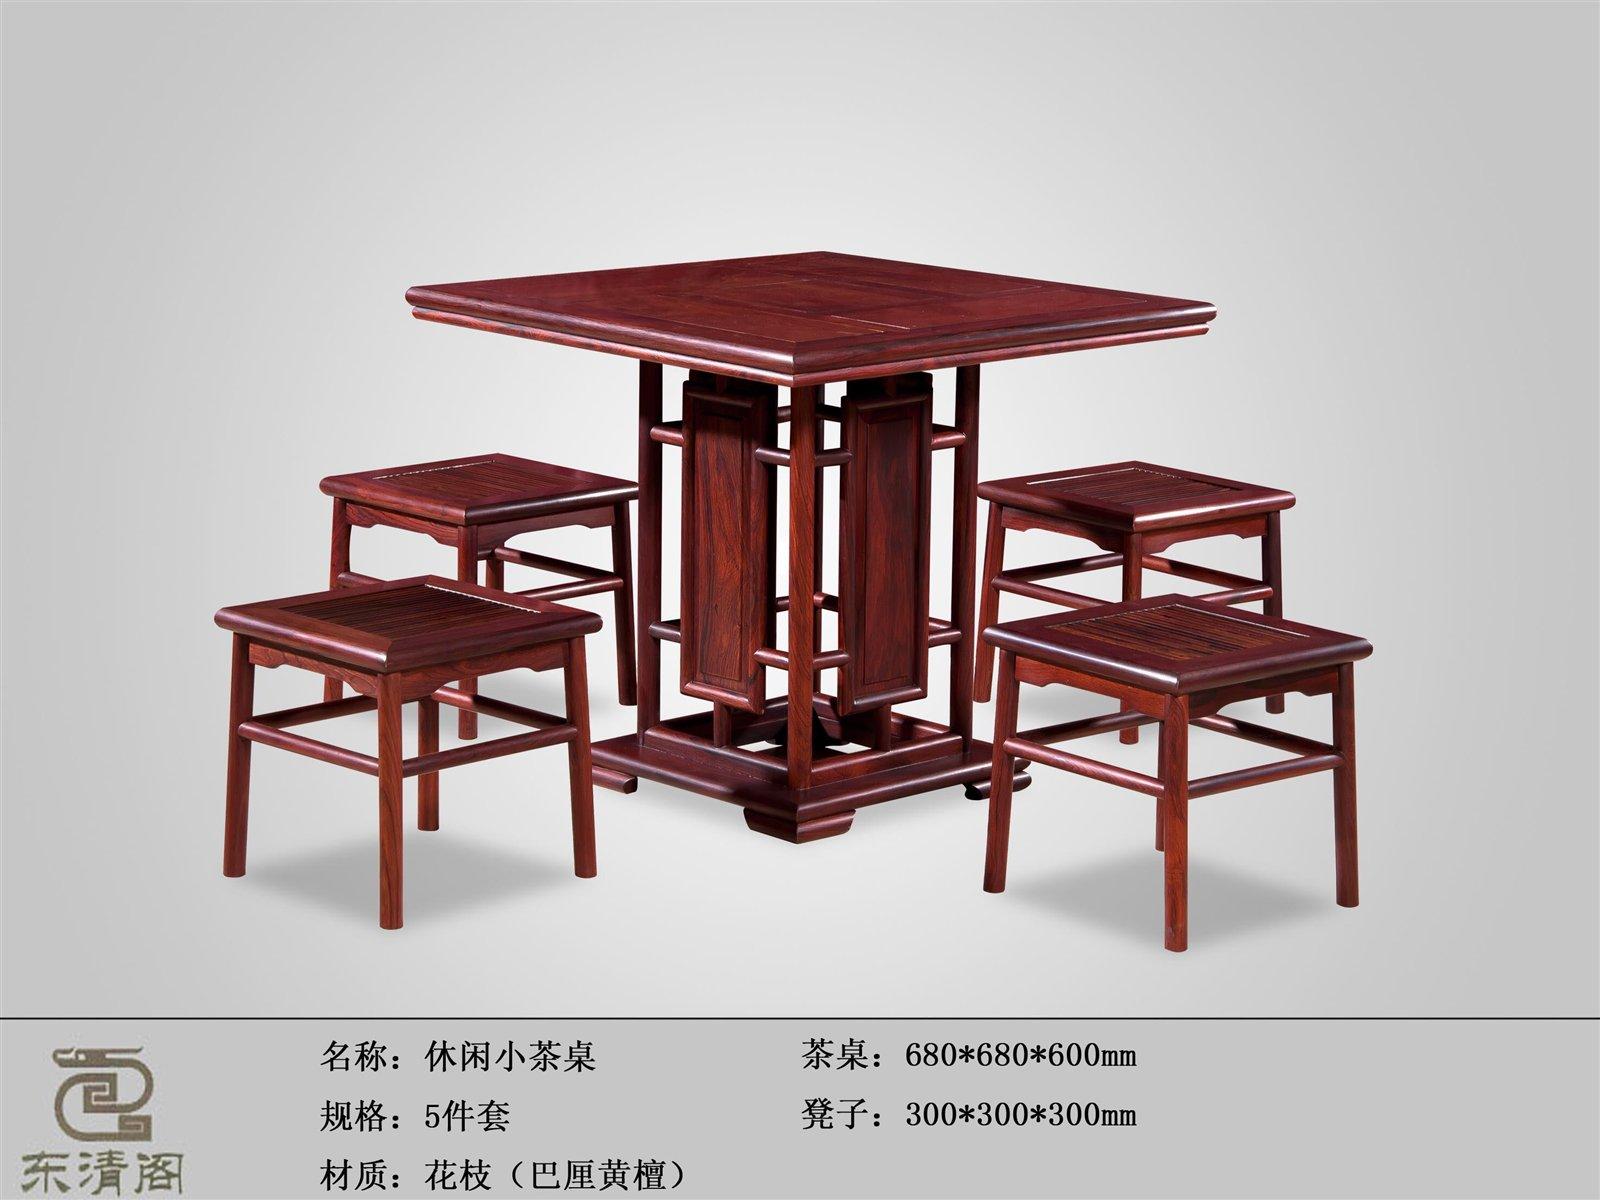 红木家具_03 商家相册 03 红木家具展示